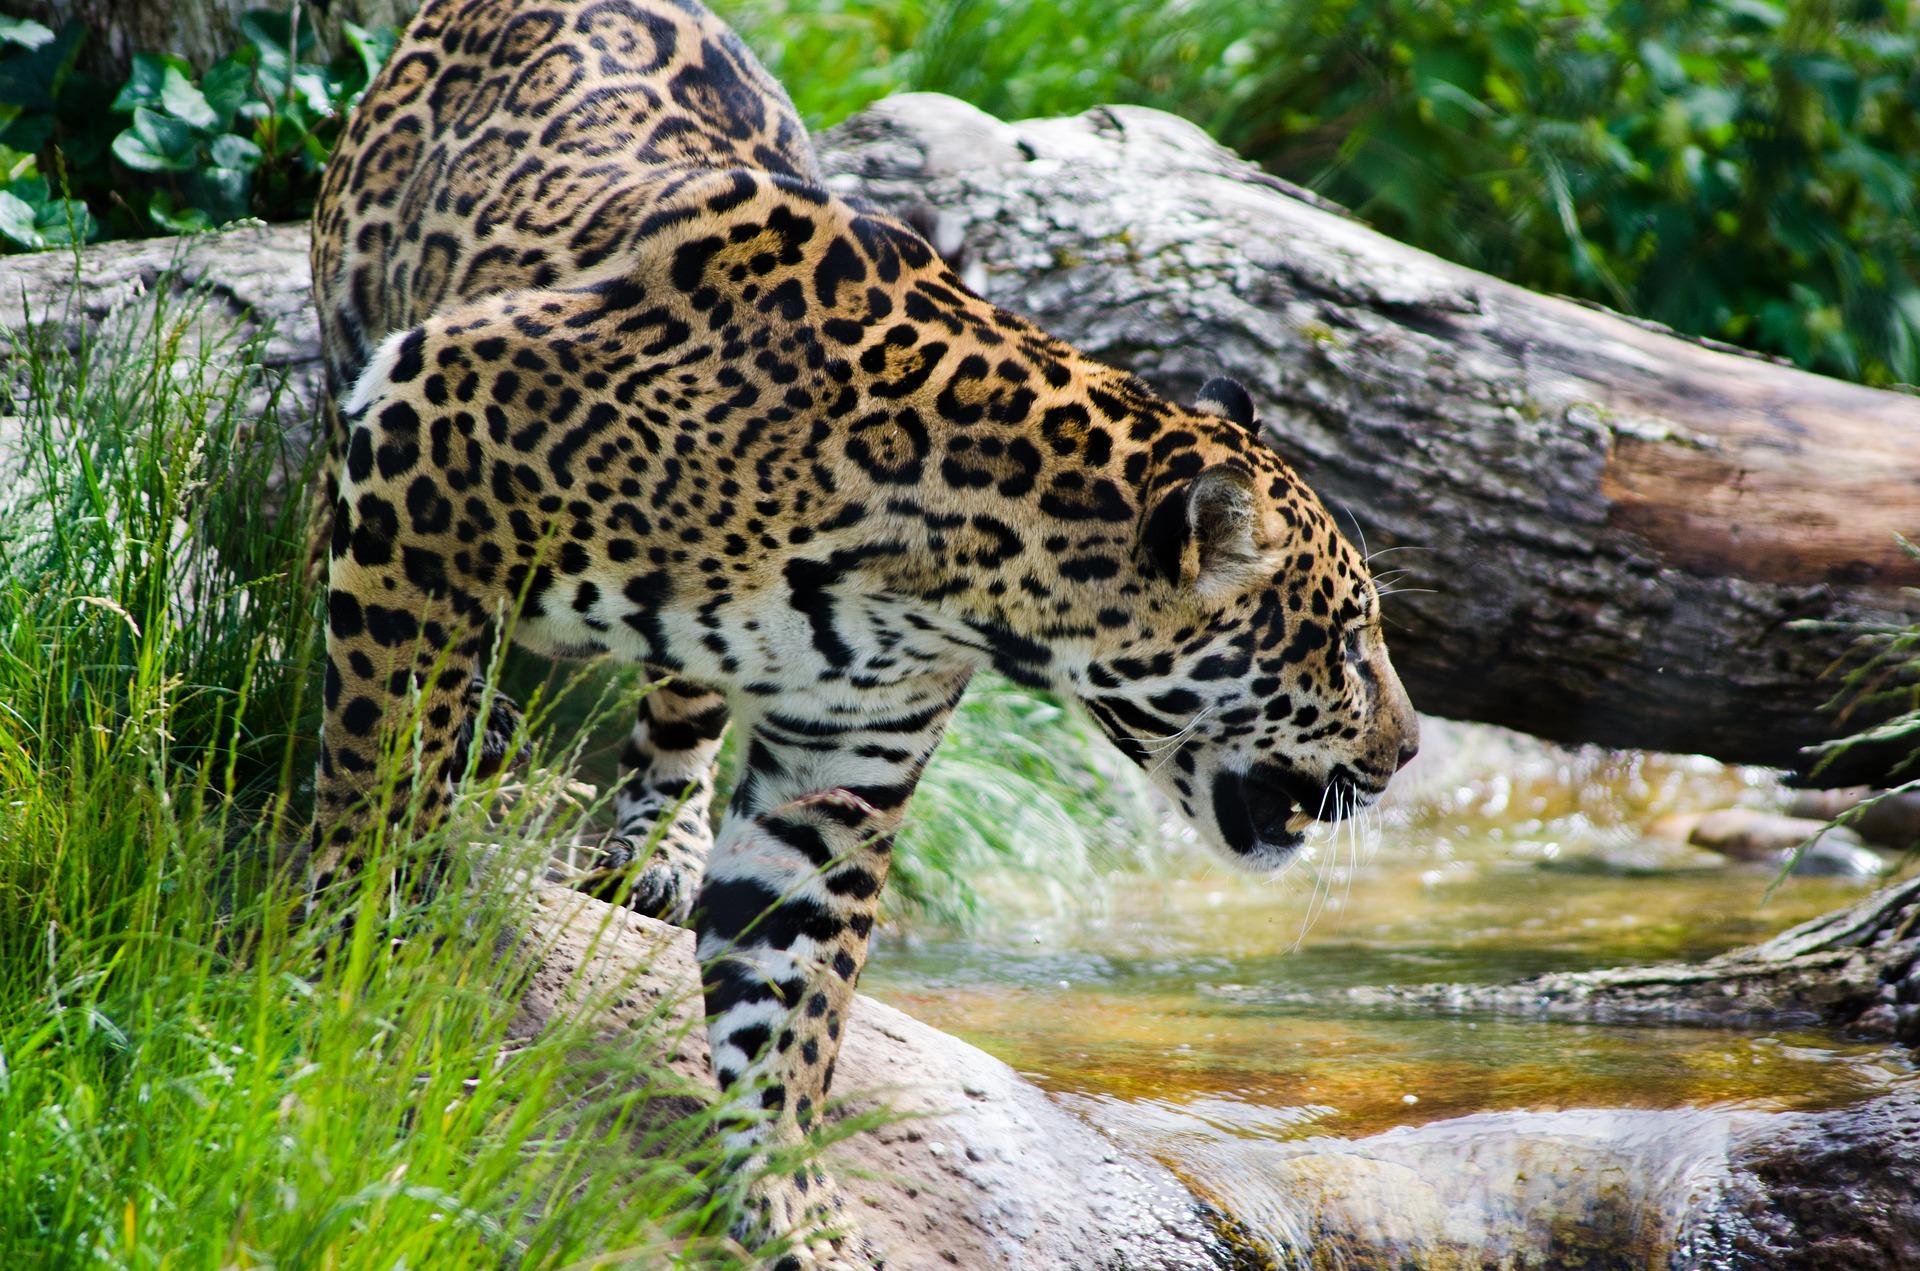 Auch Jaguare durchstreifen die Akazienforste in Kolumbien und nutzen sie als Trittsteinkorridore, um in andere Wälder zu gelangen. Foto: Pixabay